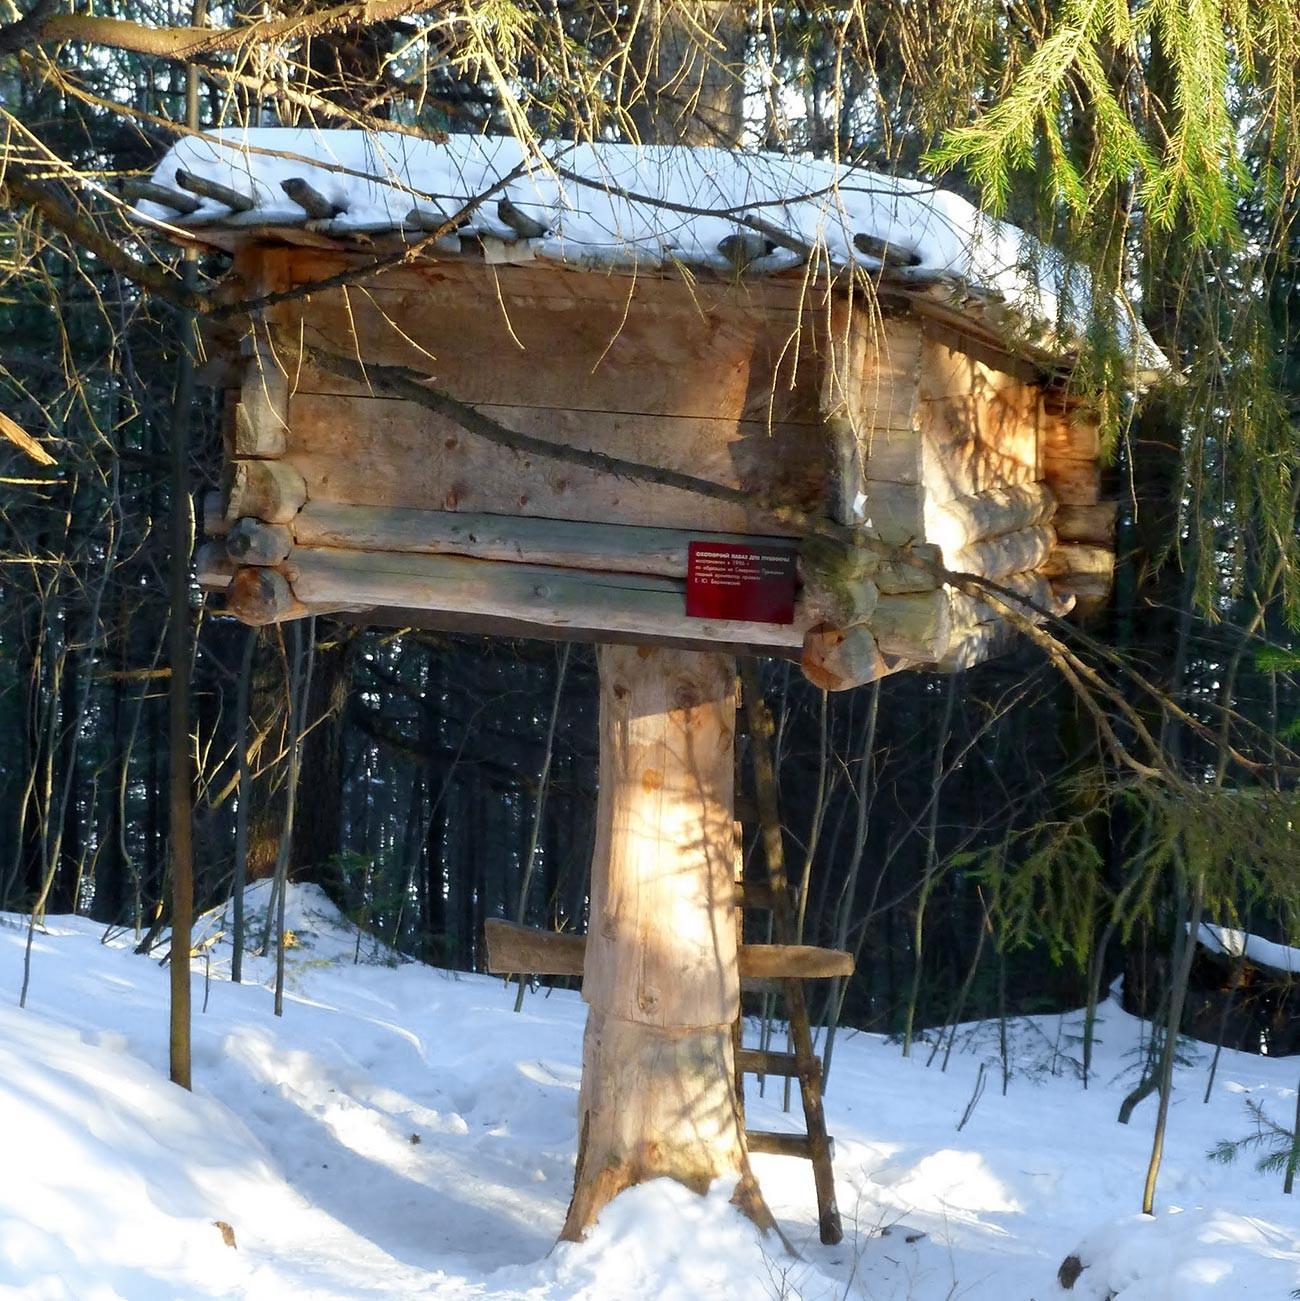 狩人の木のシェルター